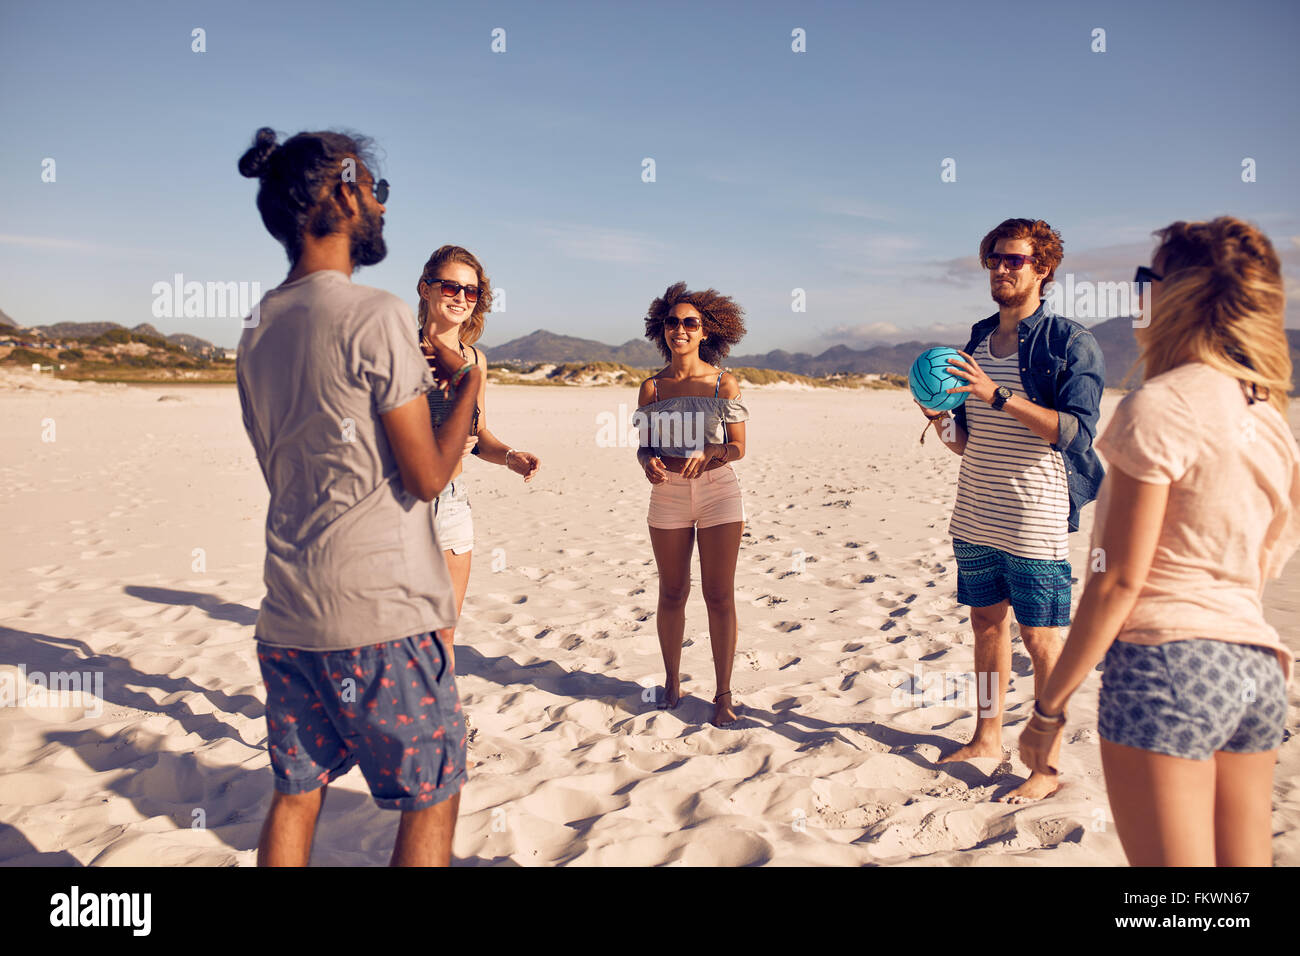 Grupo de jóvenes parados en círculo en la playa y jugando con la pelota. Jóvenes amigos jugando juego Imagen De Stock